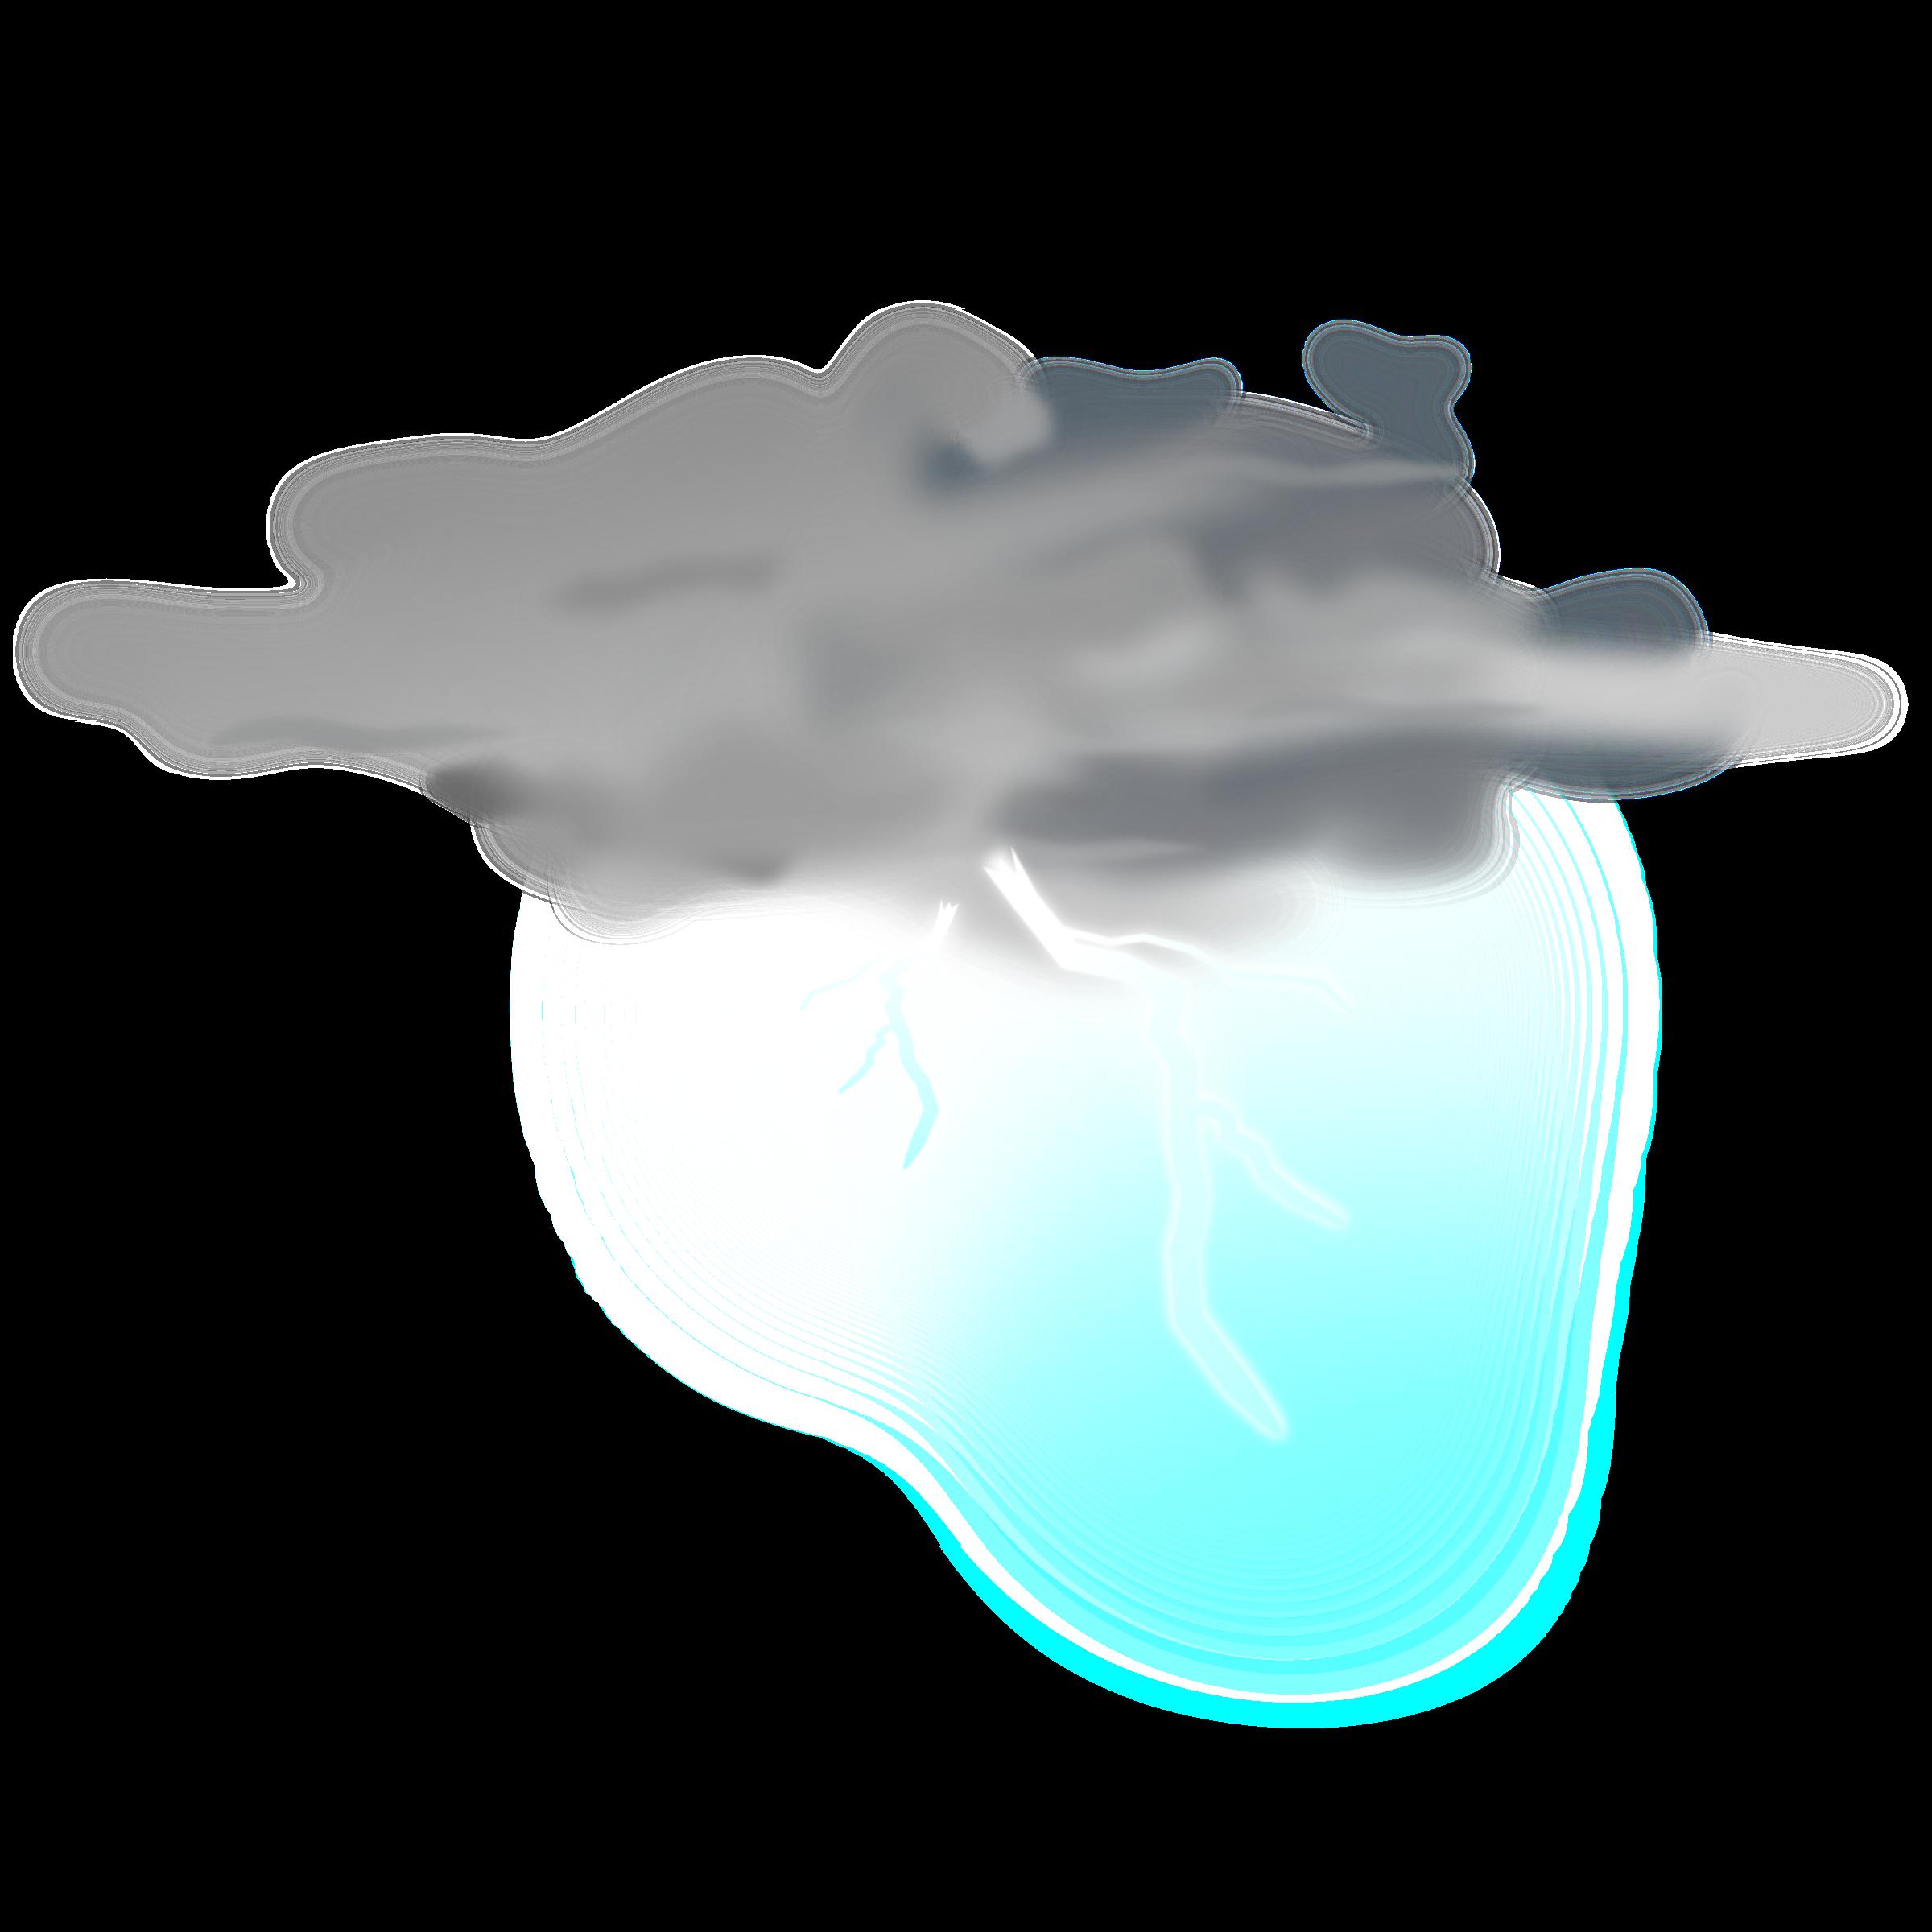 BIG IMAGE (PNG) - PNG Thunder